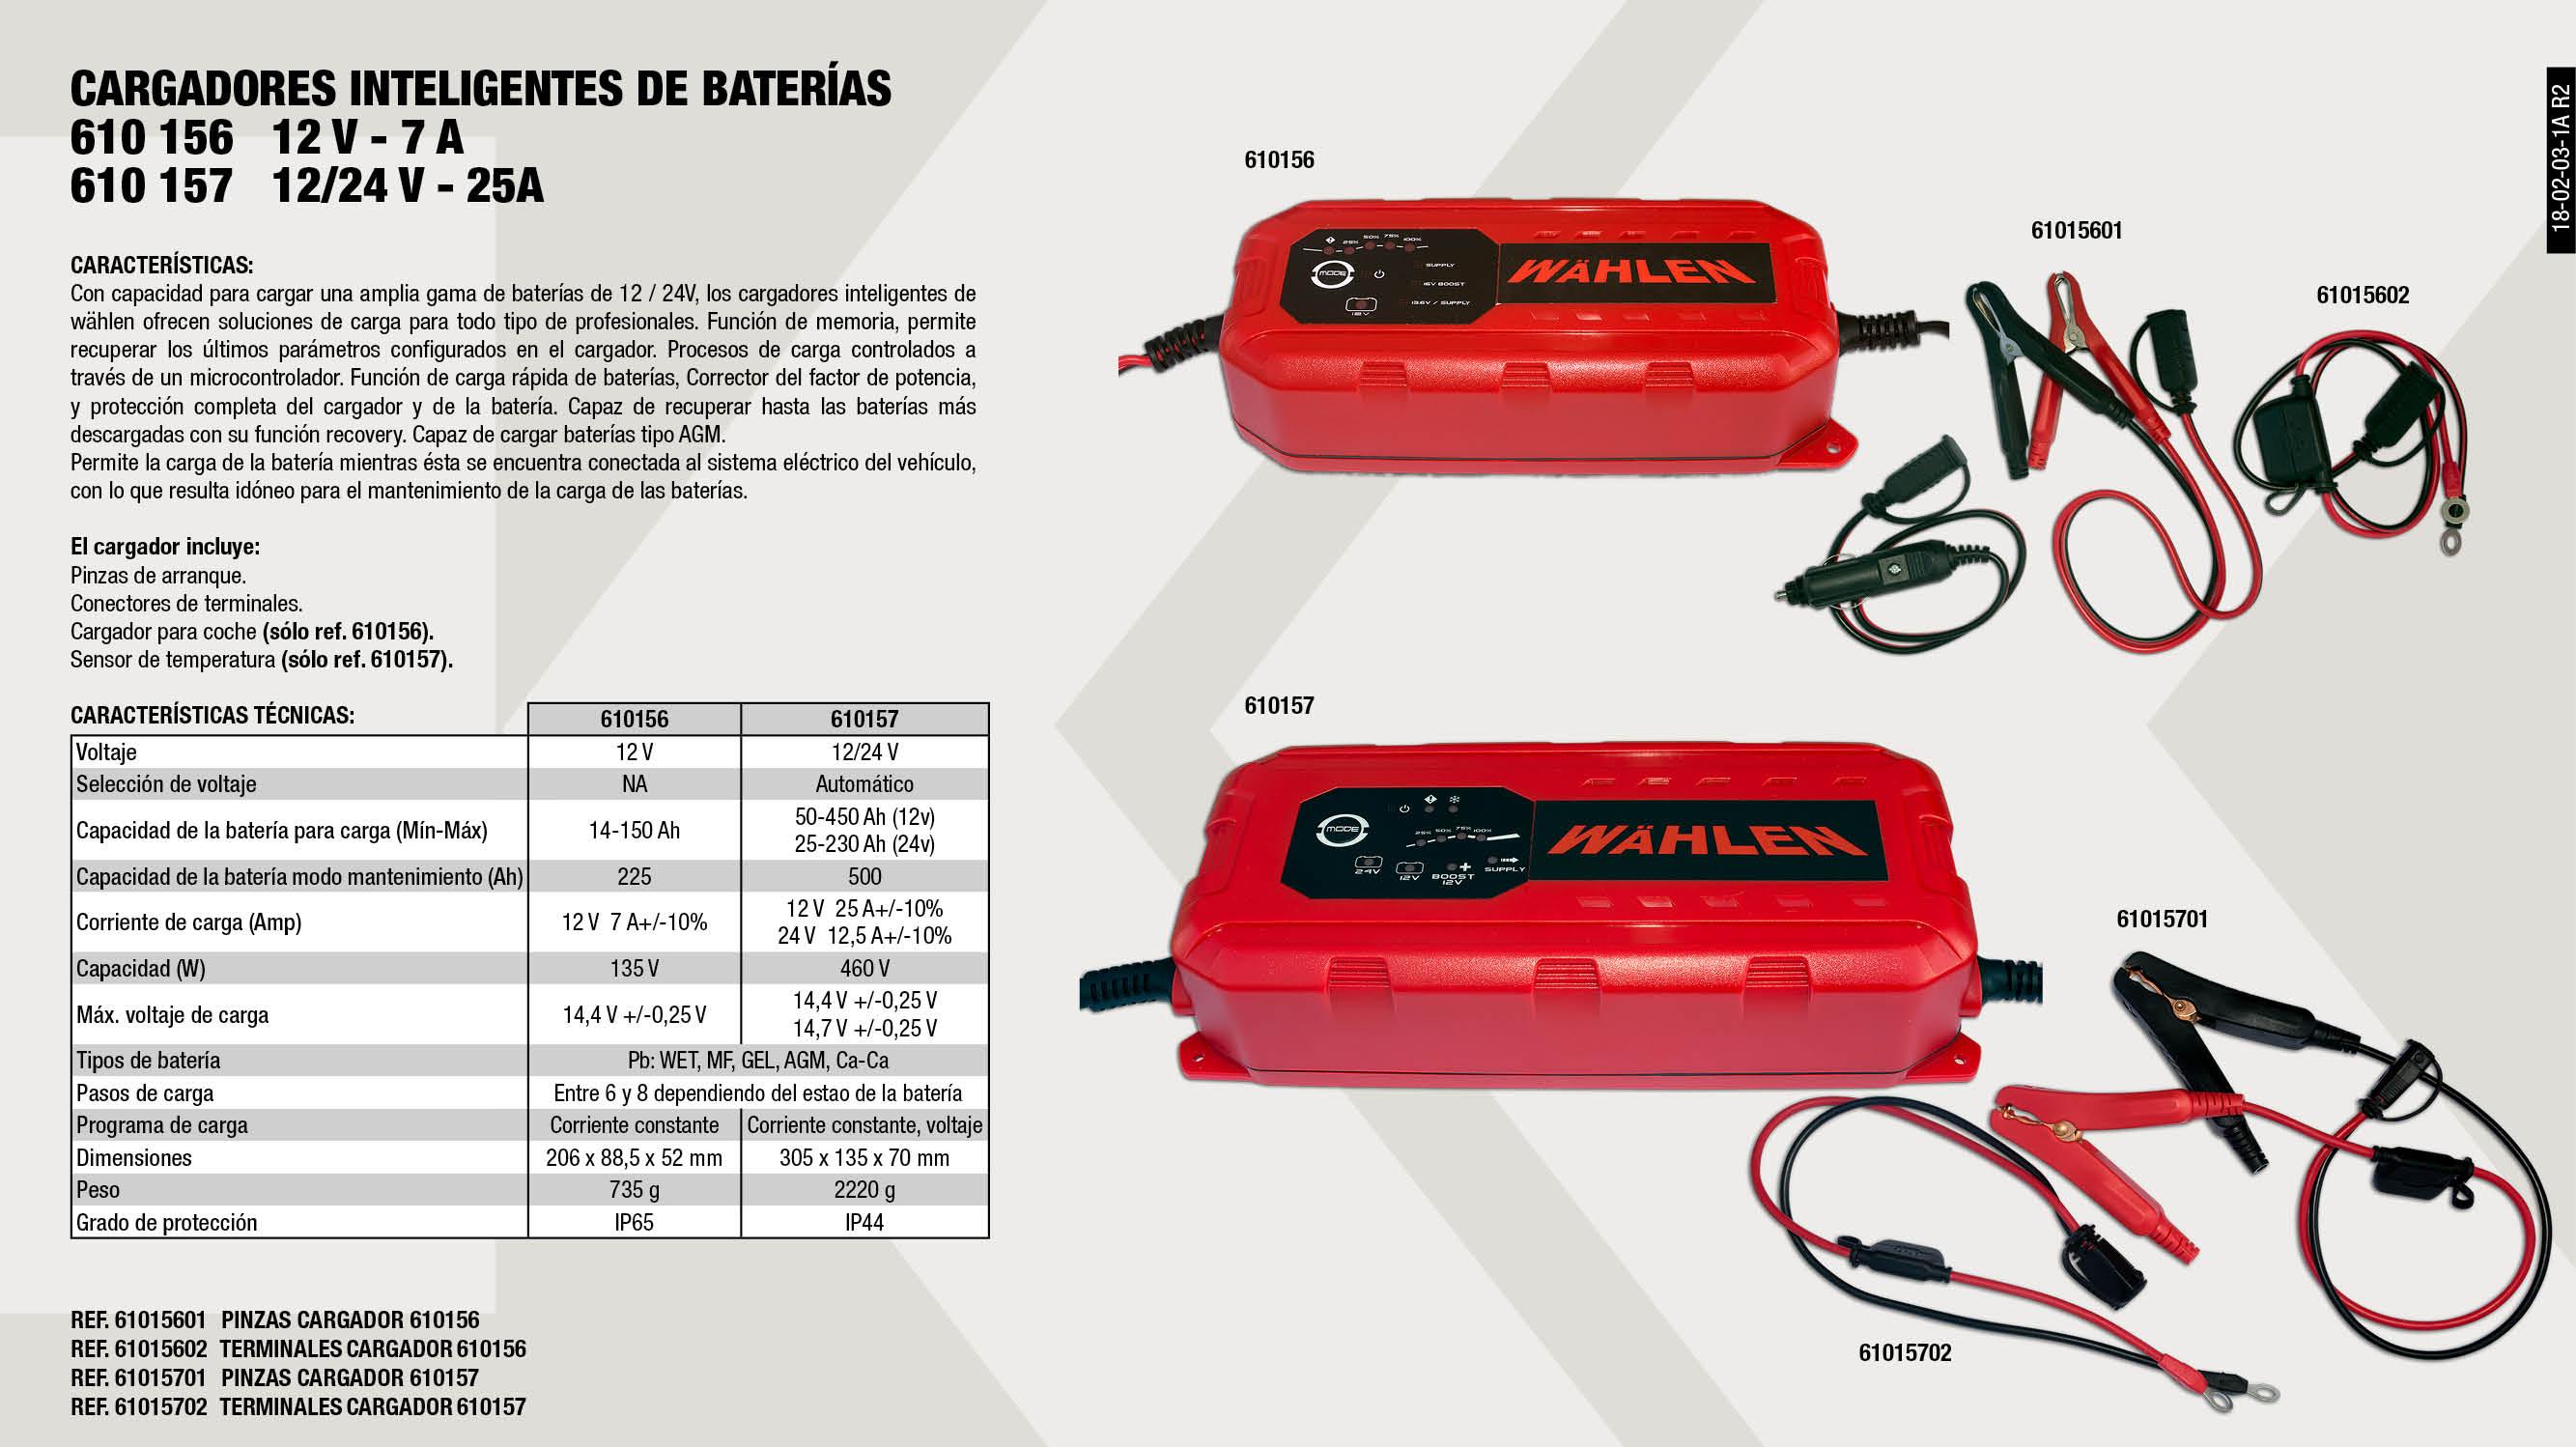 PINZAS CARGADOR 610157                                      ,  PINZAS CARGADOR 610156                                      ,  TERMINALES CARGADOR 610157                                  ,  CARGADOR INTELIGENTE DE BATERÍAS  12V 7A                    ,  CARGADOR INTELIGENTE DE BATERÍAS 12 / 24V 25A               ,  TERMINALES CARGADOR 610156                                  ,